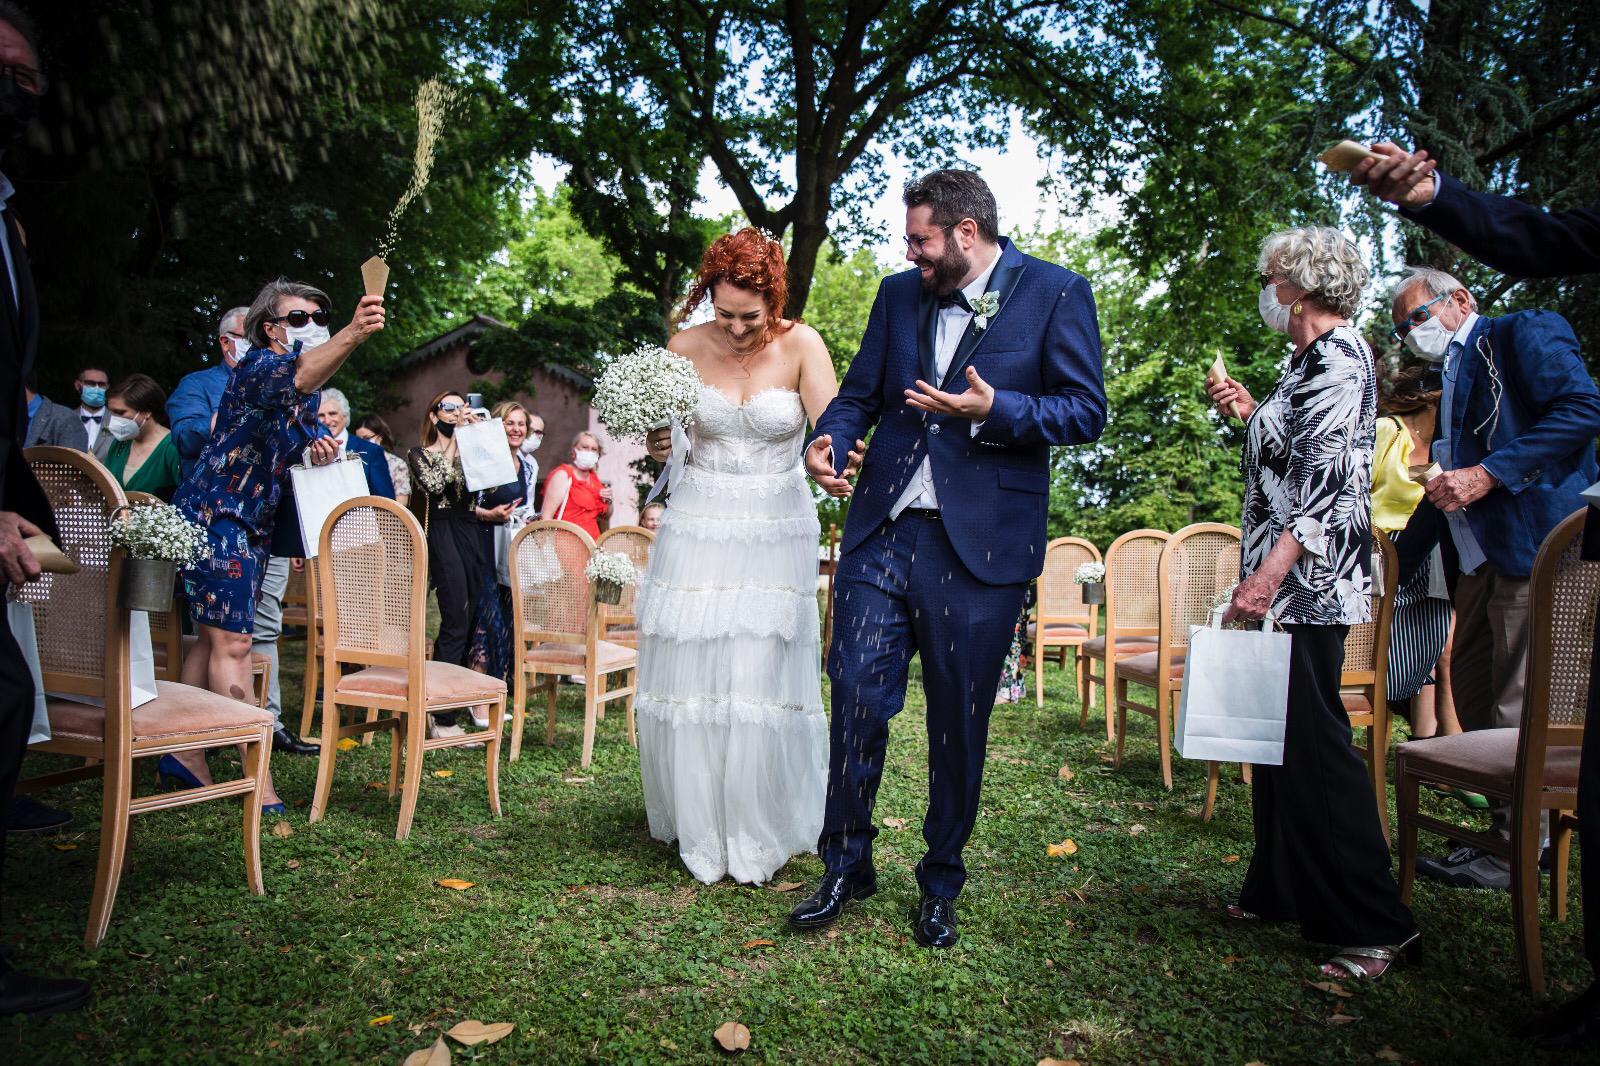 Matrimonio Marco & Melissa a Villa Gritti (VR) - L'Uomo Griffe Boutique